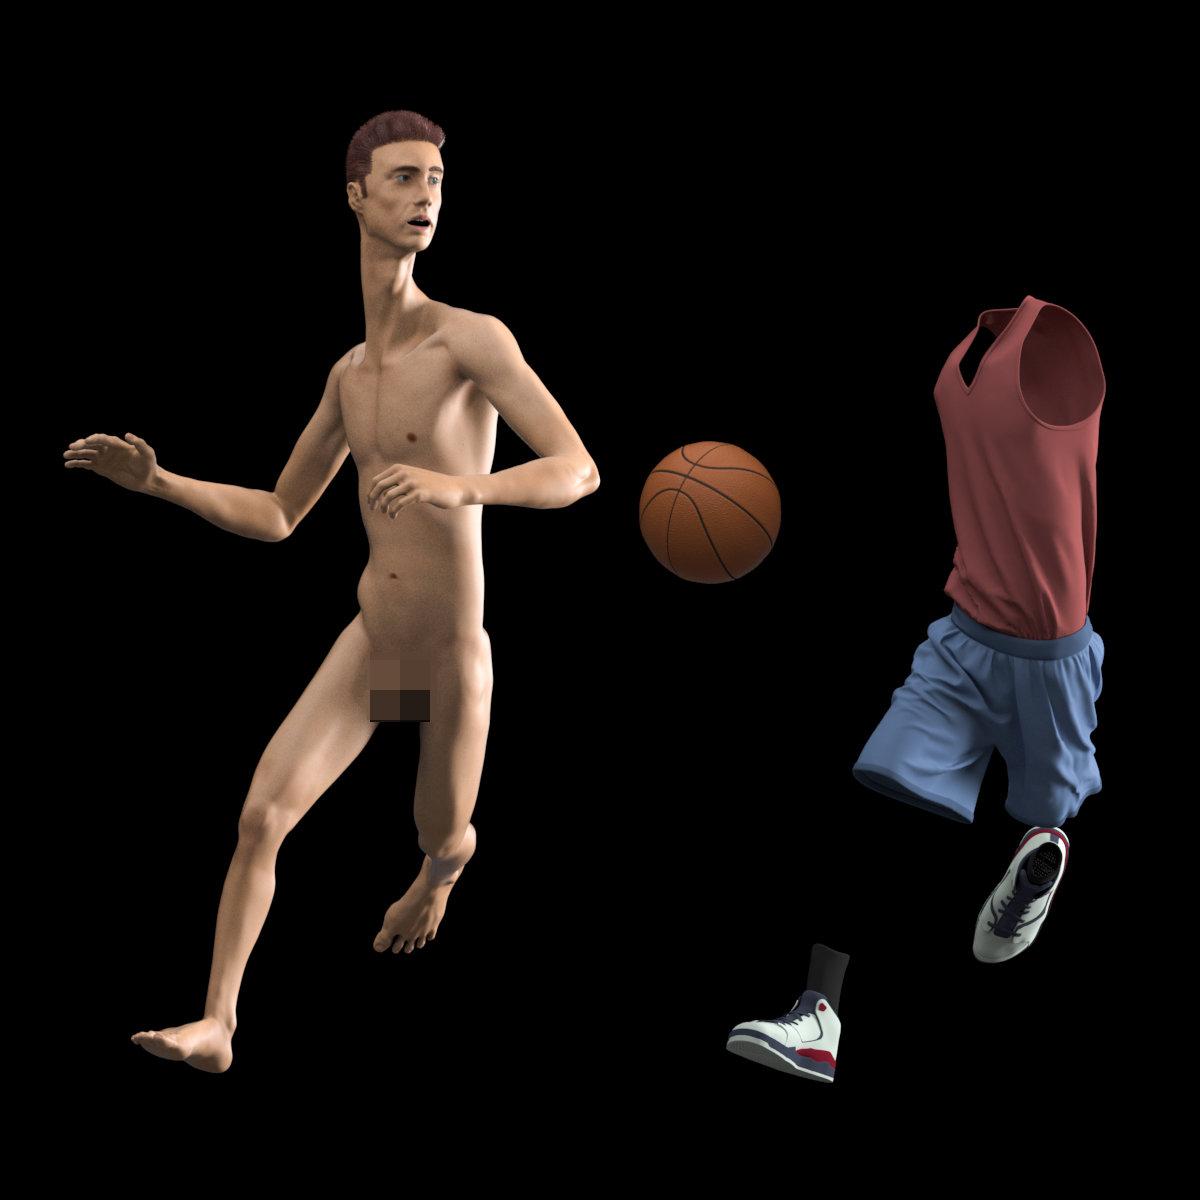 Joseph pegurier basquetteur2